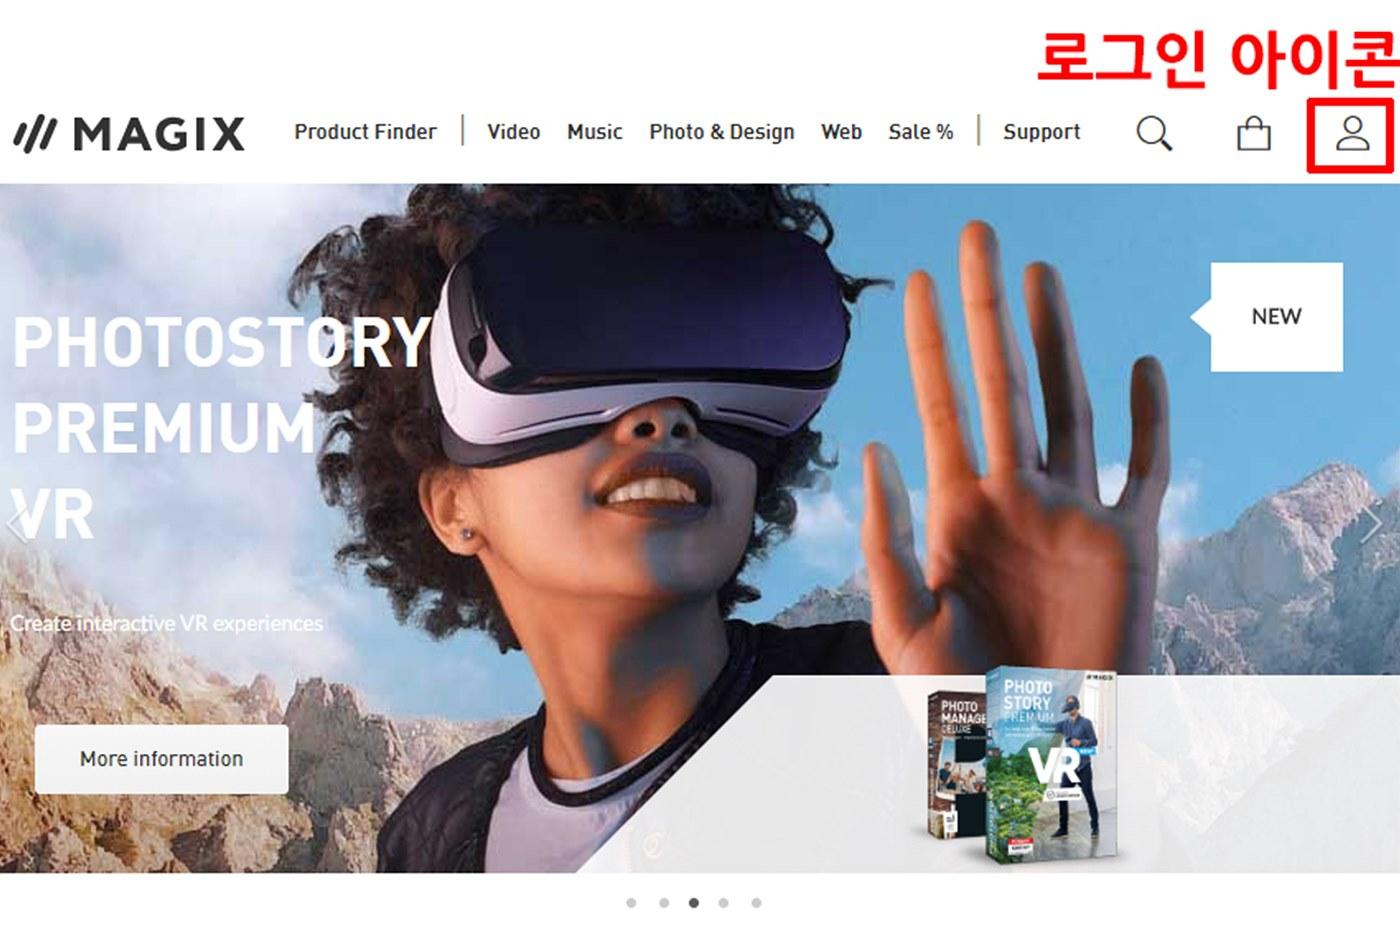 Magix 홈페이지의 오른쪽 상단에 있는 로그인 아이콘을 클릭한다.